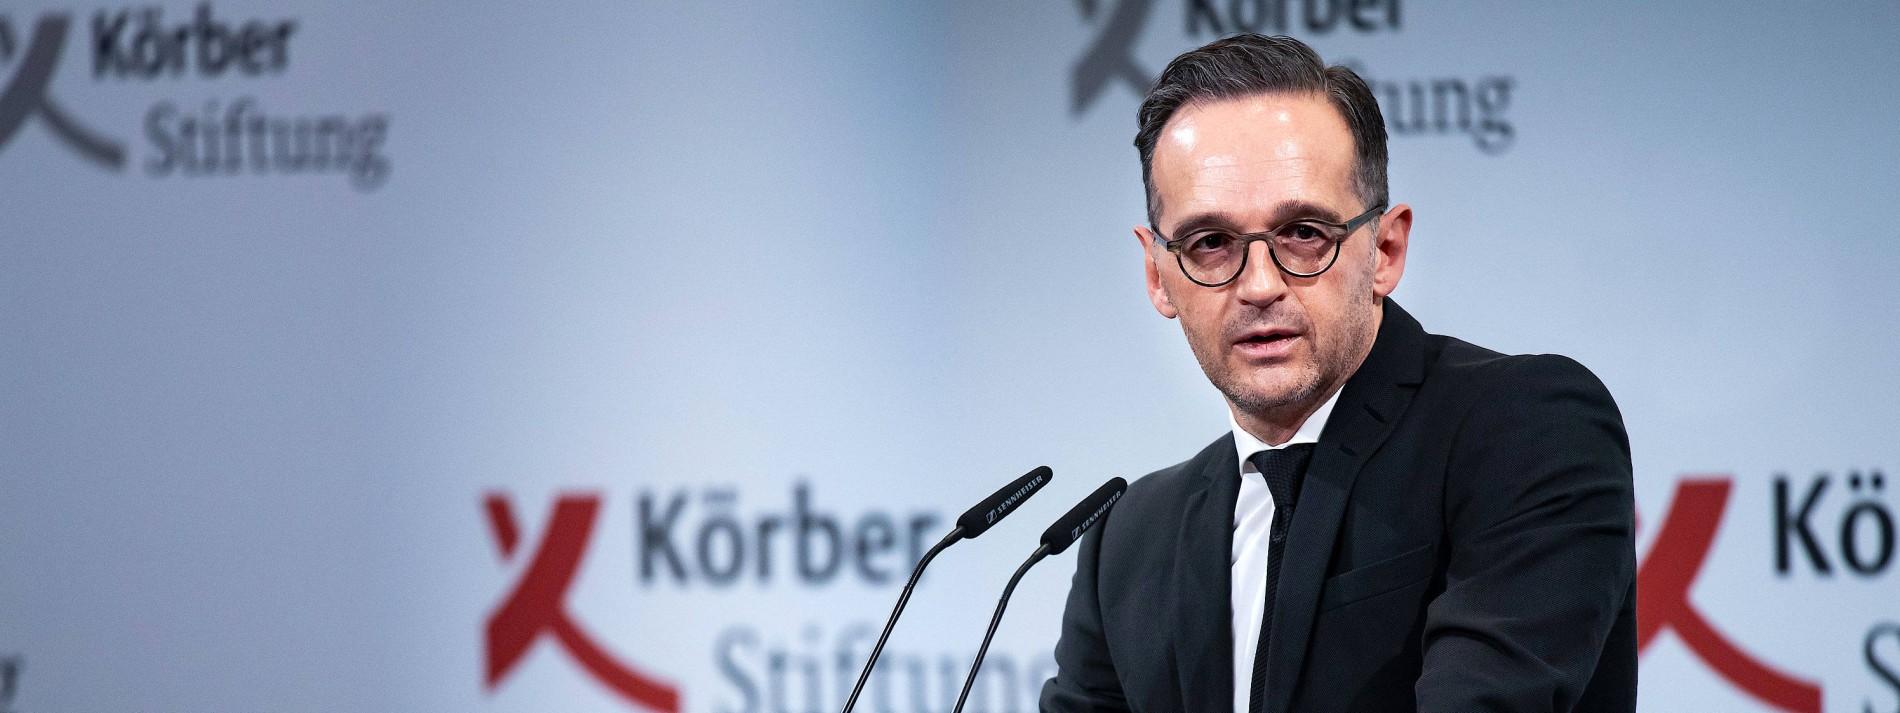 Berliner Forum Außenpolitik